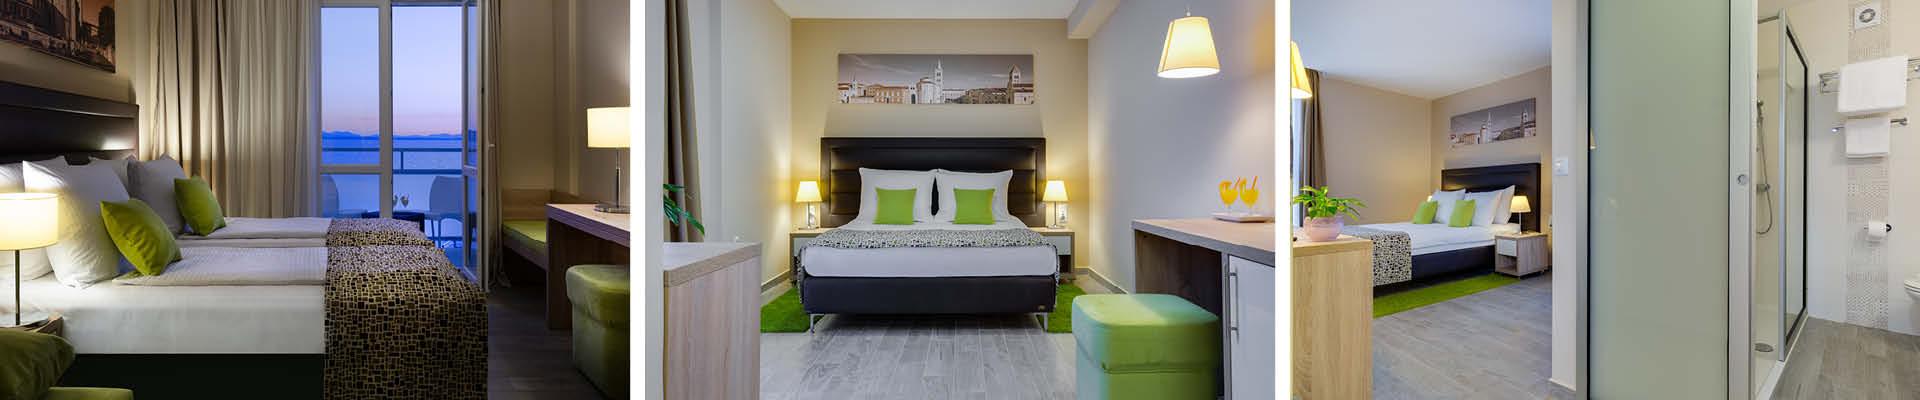 Zimmer des Hotel Pinija in Petrcane